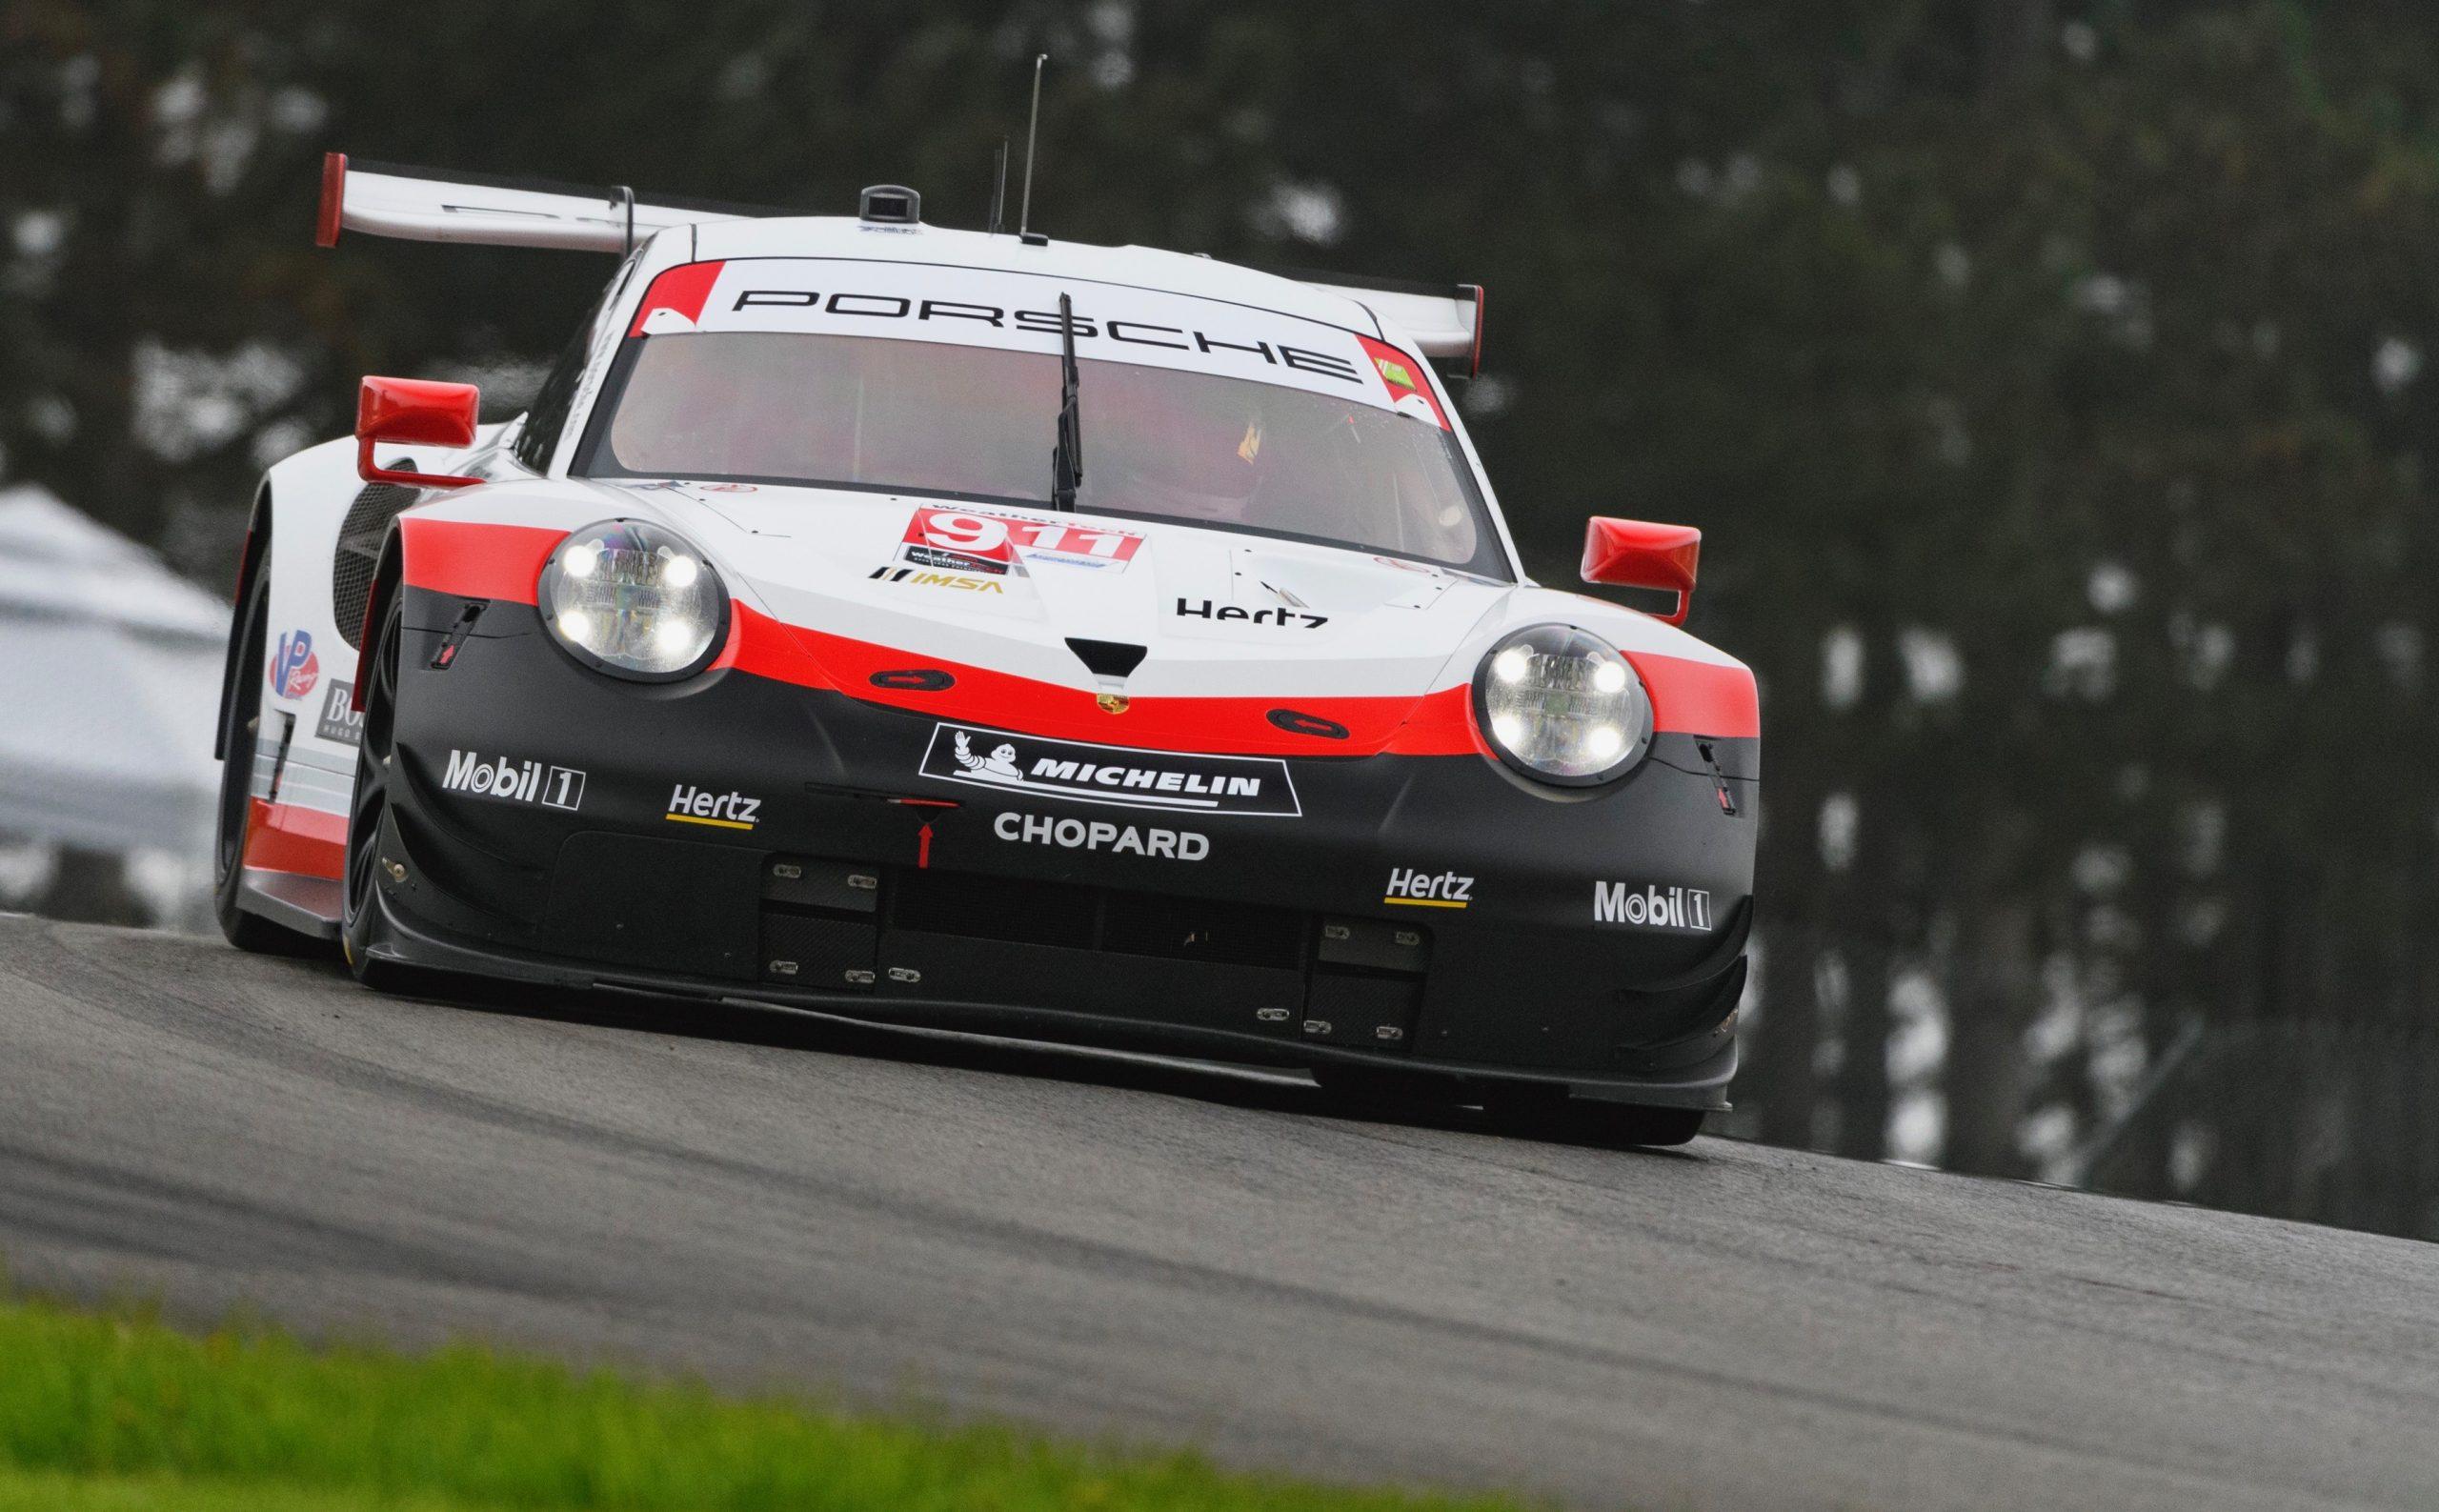 Porsche 911 RSR Front Mid Ohio Action